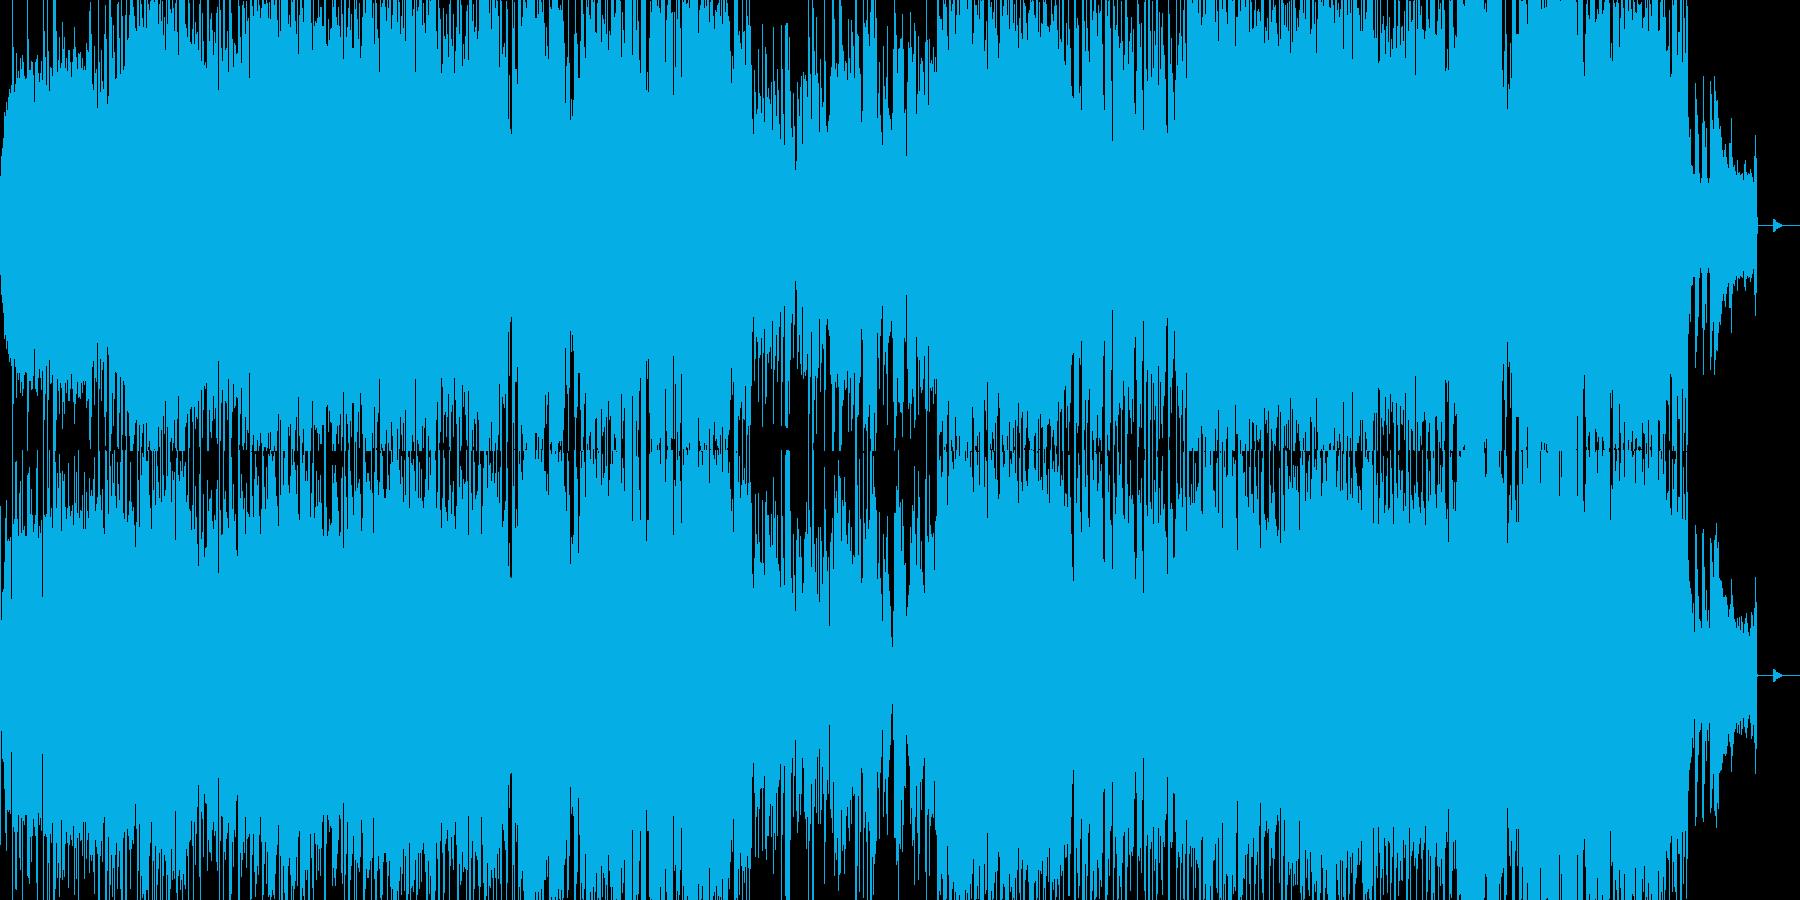 ヘヴィでダークなオープニング用ロックの再生済みの波形